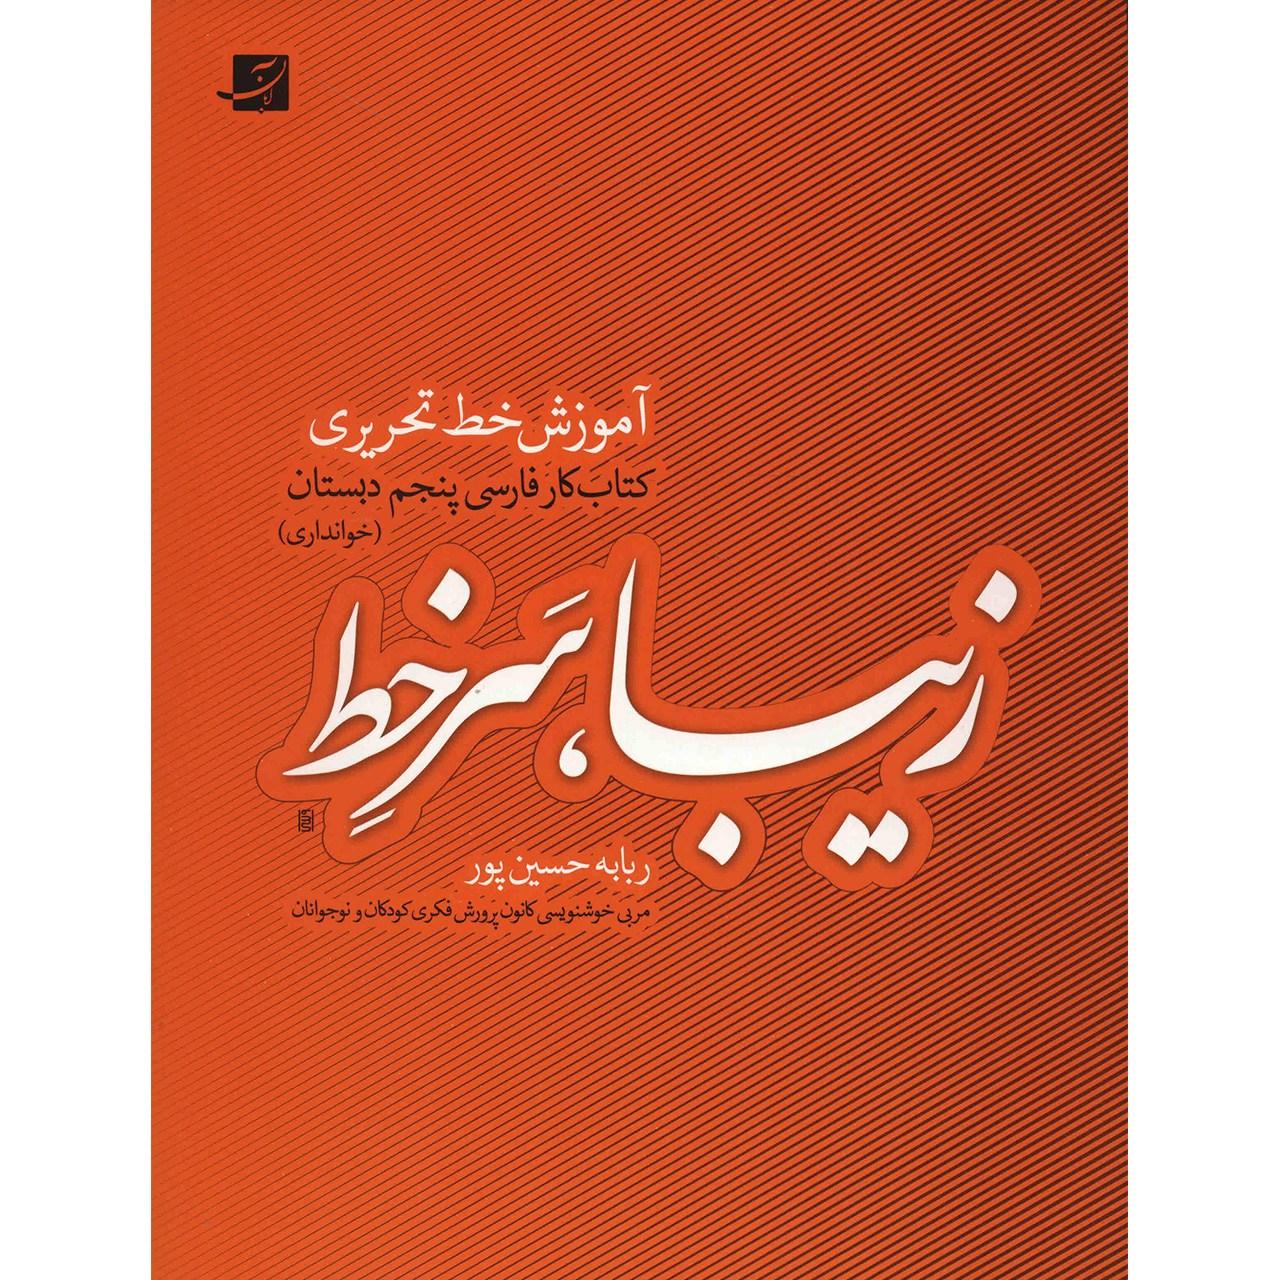 کتاب زیبا، سرخط، آموزش خط تحریری کتاب کار فارسی پنجم دبستان اثر ربابه حسین پور